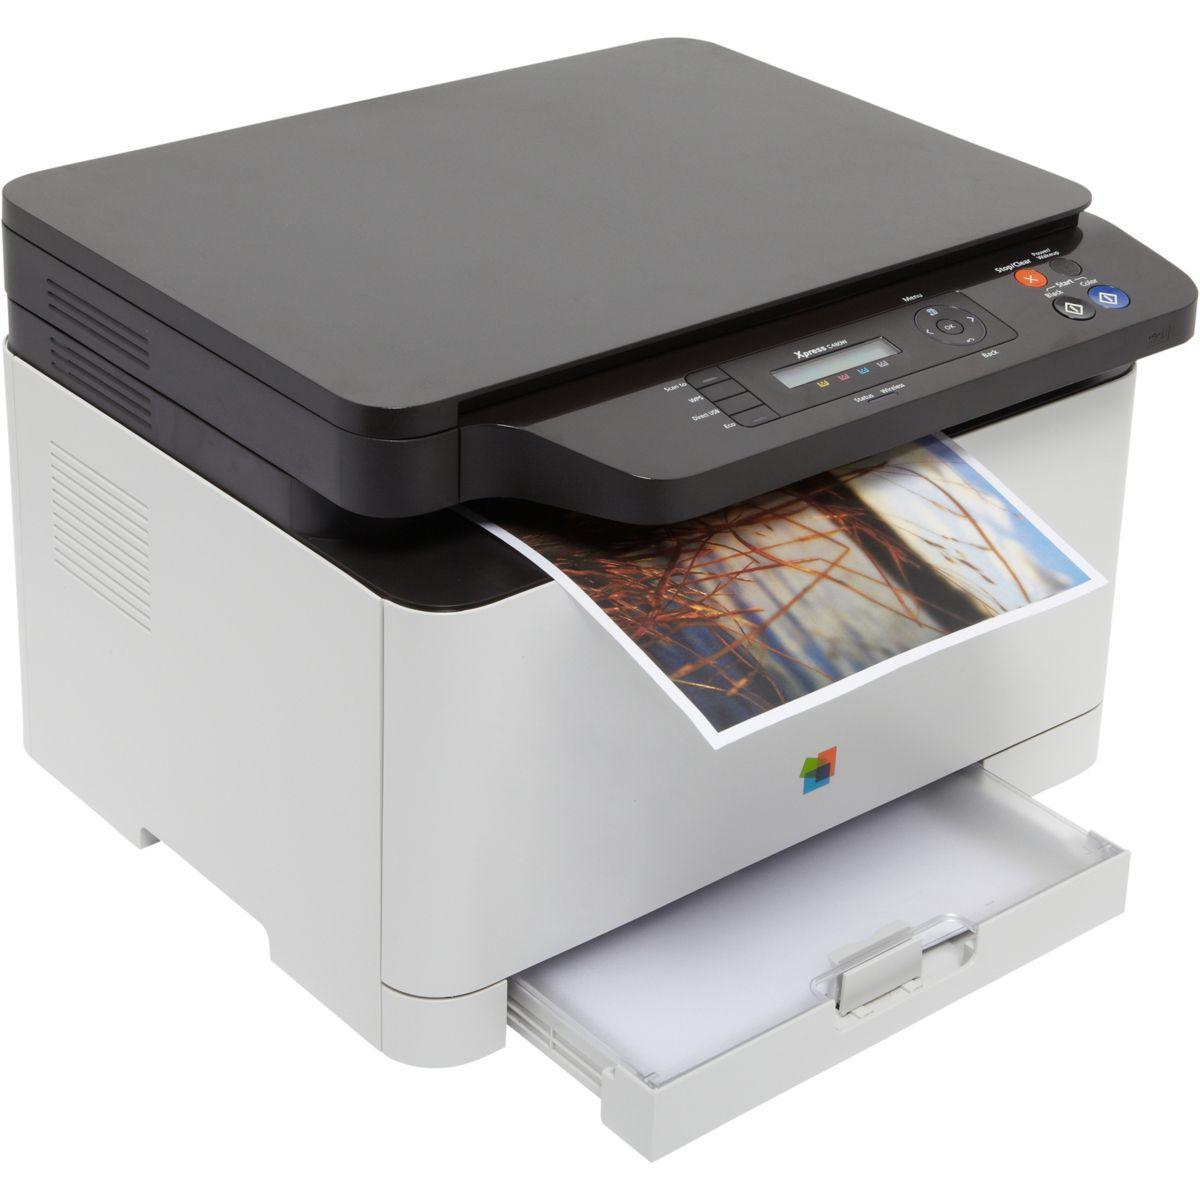 Imprimante multifonction laser couleur samsung sl-c480w - livraison offerte : code liv (photo)